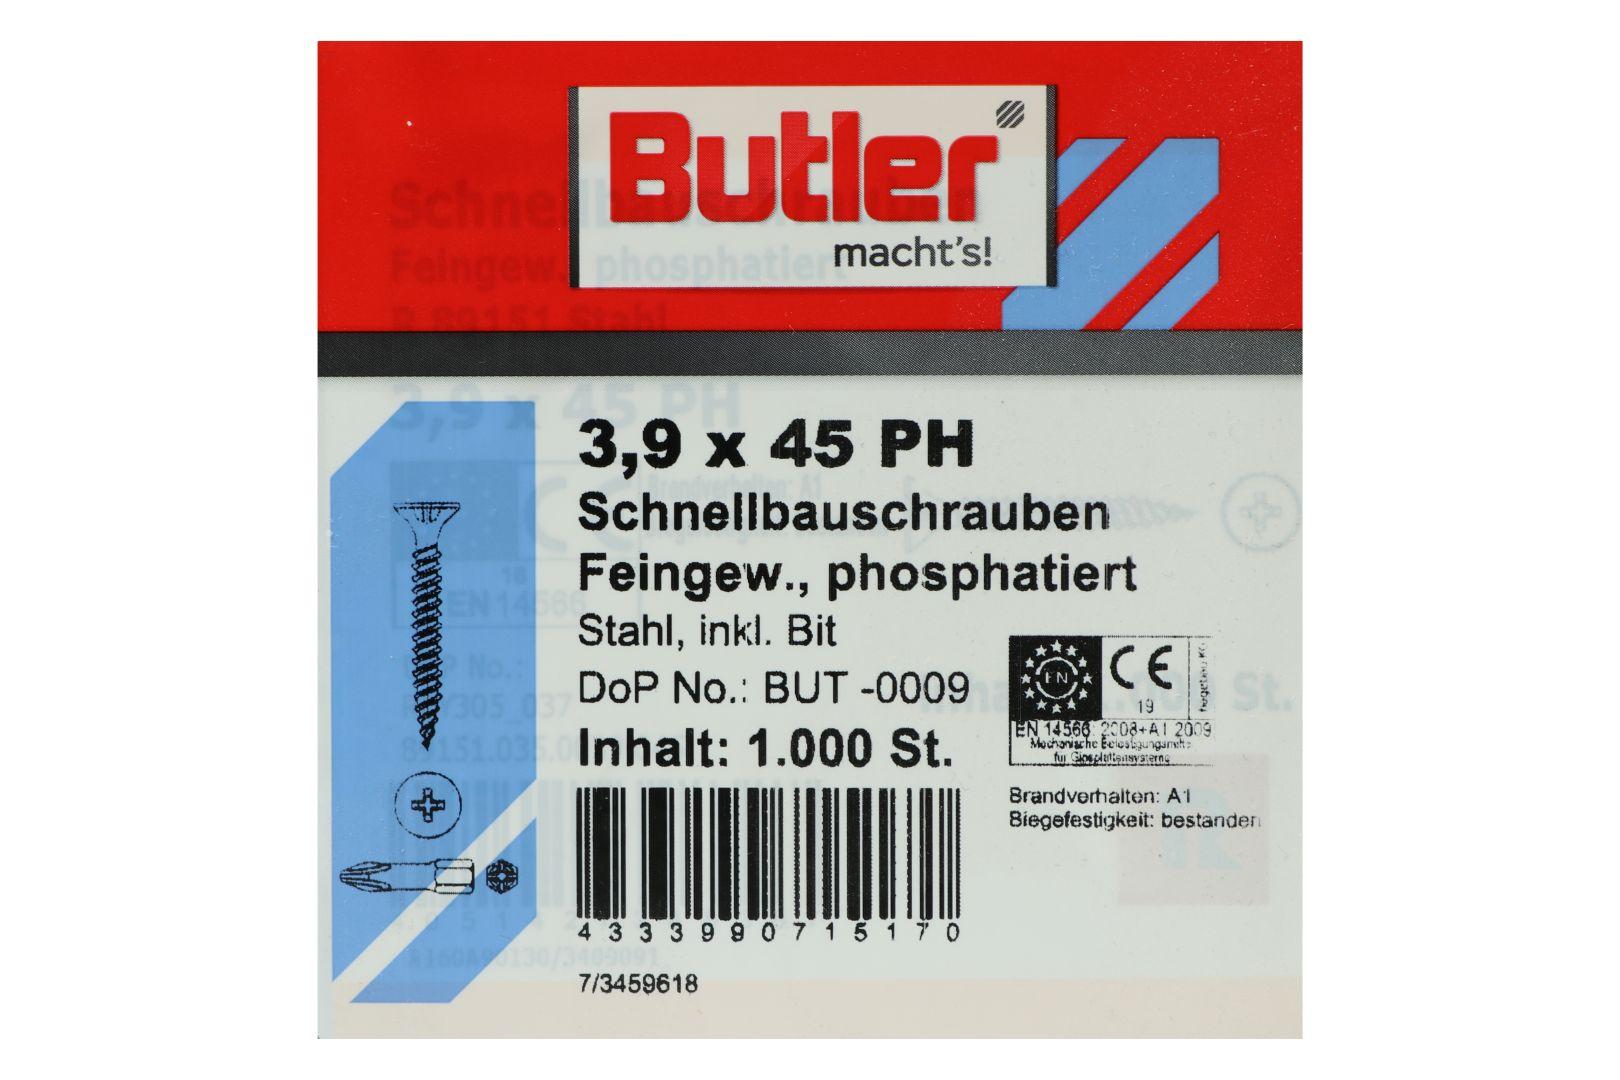 Butler macht's! Schnellbauschrauben inkl. Bit für Gipsplatten auf Metall bis 0,6 mm, Feingewinde, PH2, 3,9 x 45 mm, 1.000 Stück